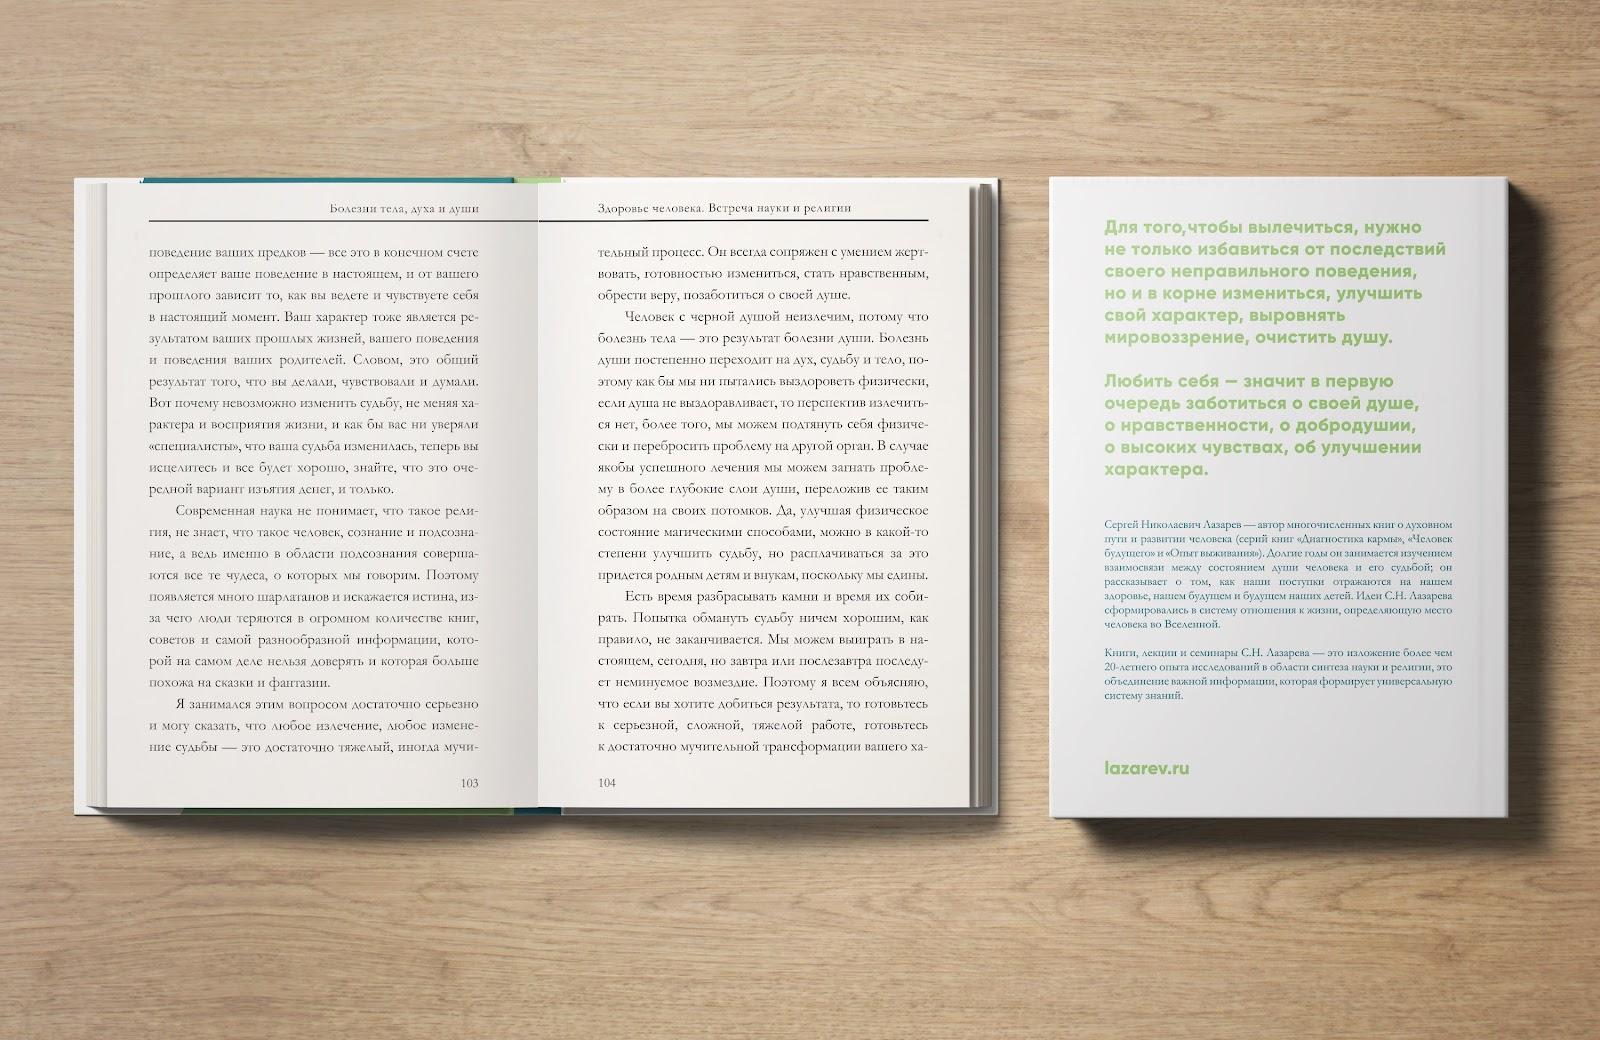 book_template7_3.jpg